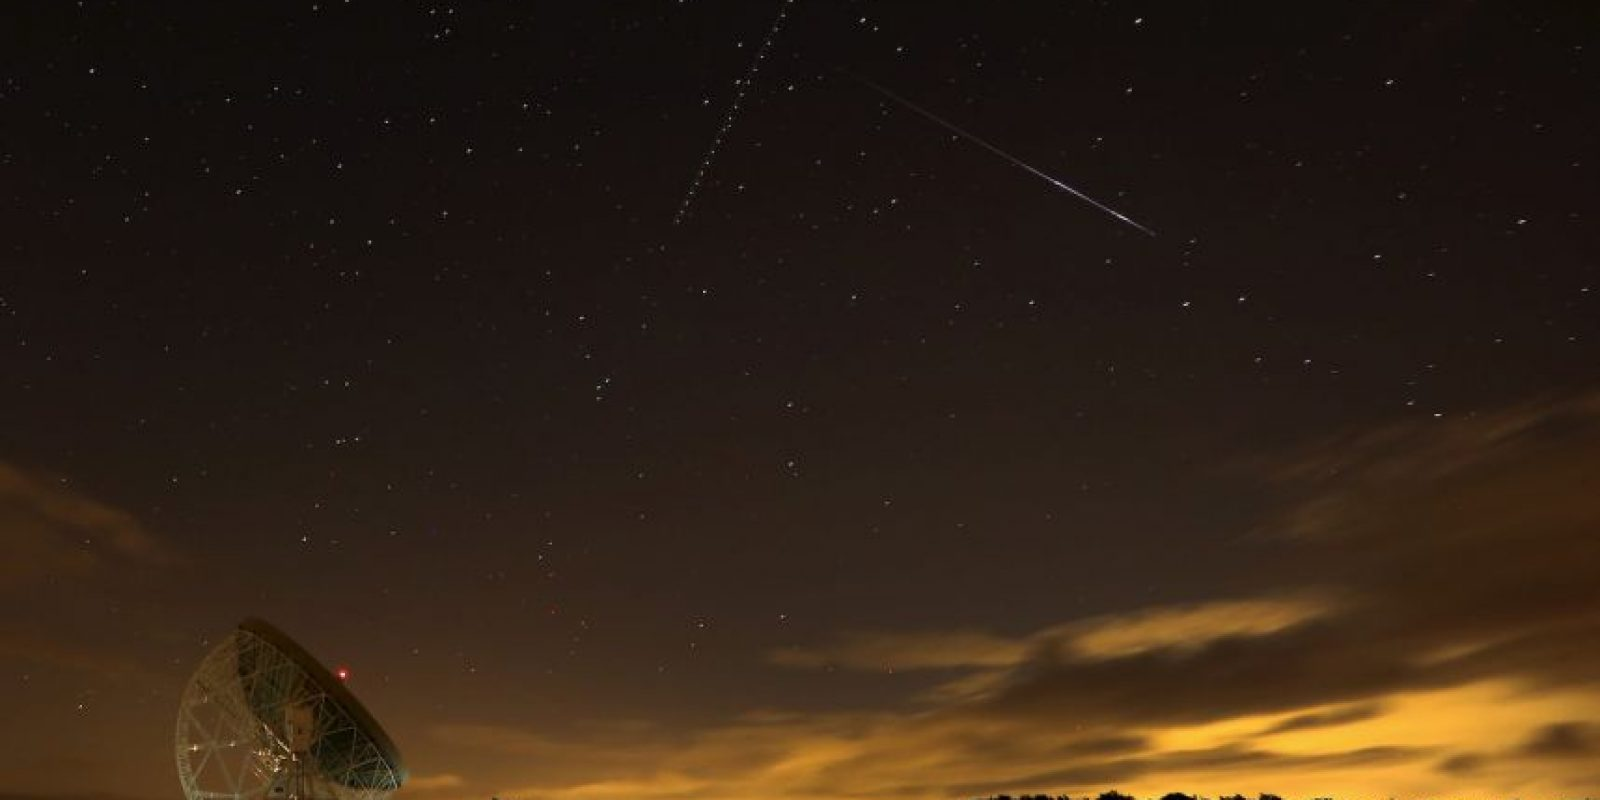 Lluvia de meteoritos registrada el 13 de agosto en Holmes Chapel, Reino Unido Foto:Getty Images. Imagen Por: